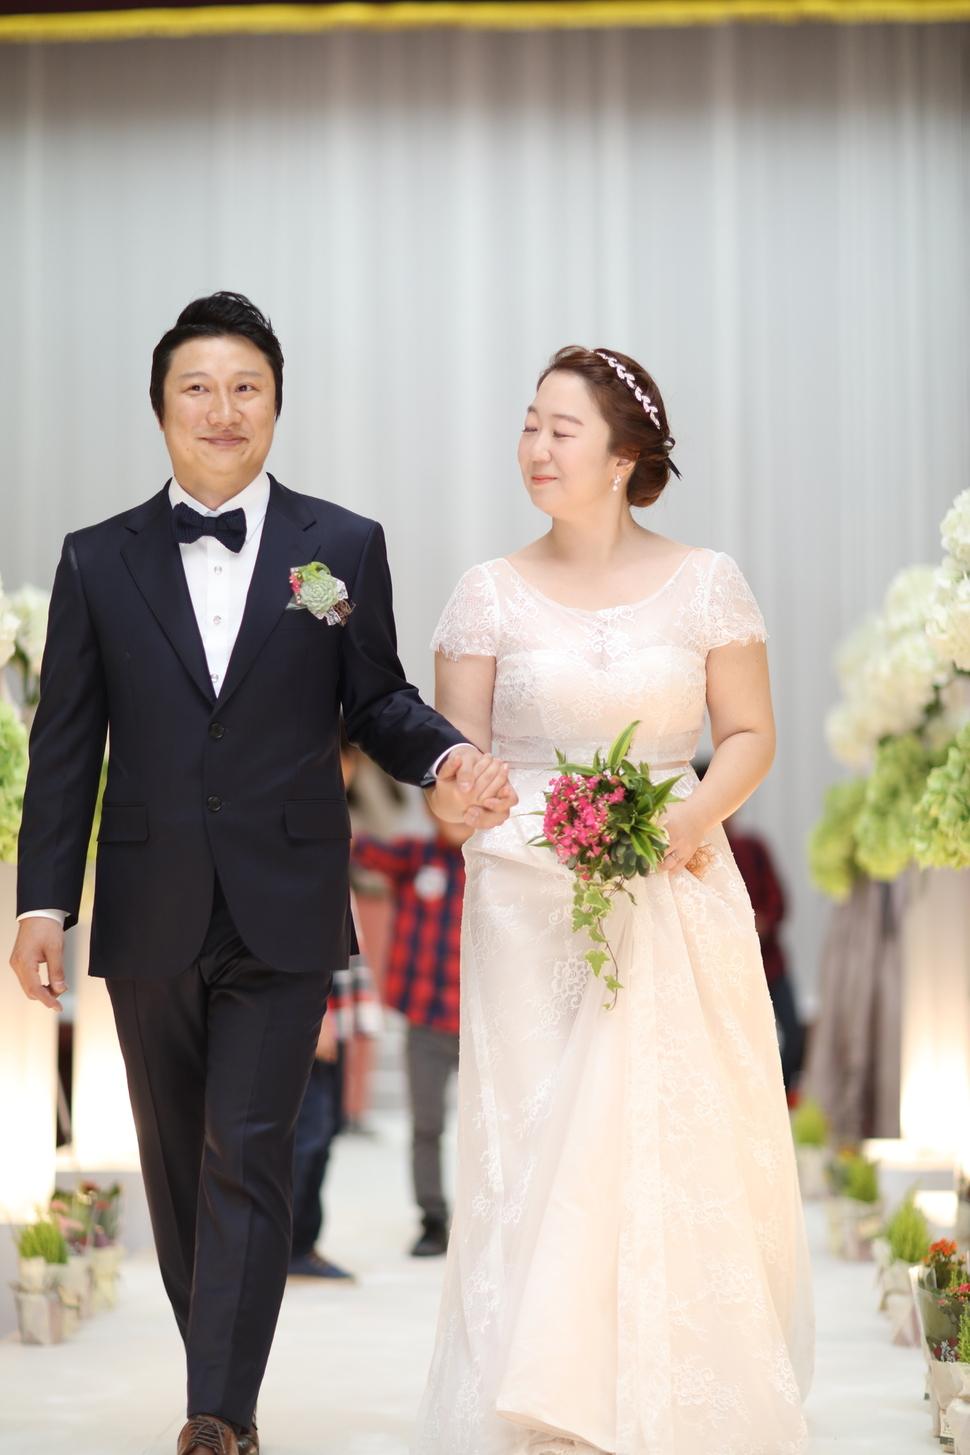 지난 22일 결혼식을 올린 심재관·임혜민씨 부부. 결혼의 의미를 살리면서 환경을 생각하는 마음까지 담고 싶어 '친환경 결혼식'을 선택했다. 임혜민씨 제공.